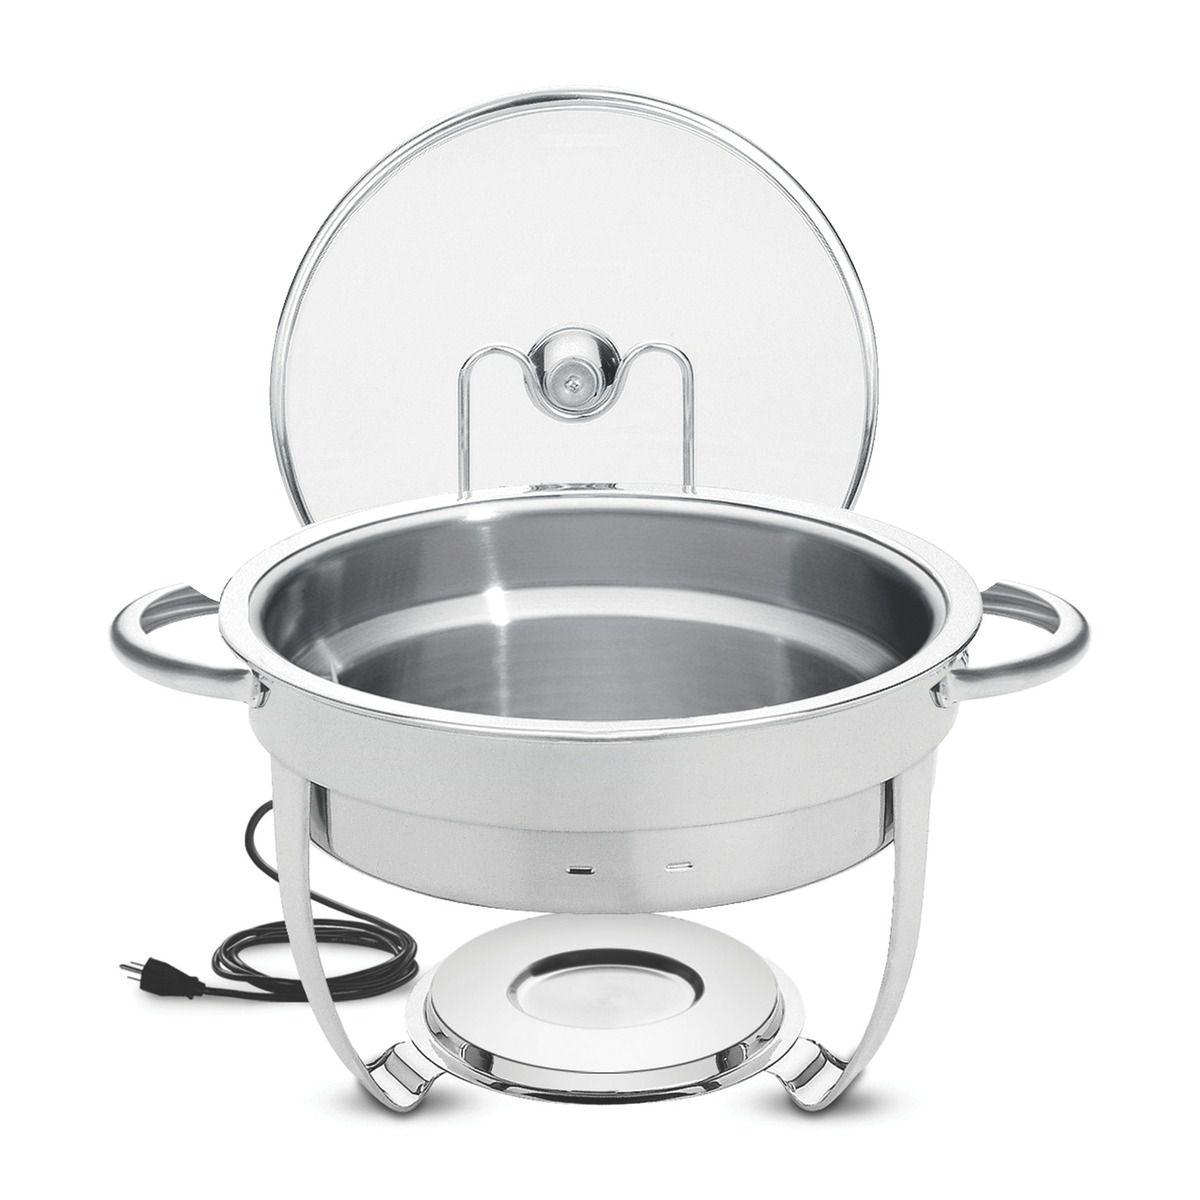 Rechaud banho-maria aço inox - 220V 61041/012   Lojas Estrela